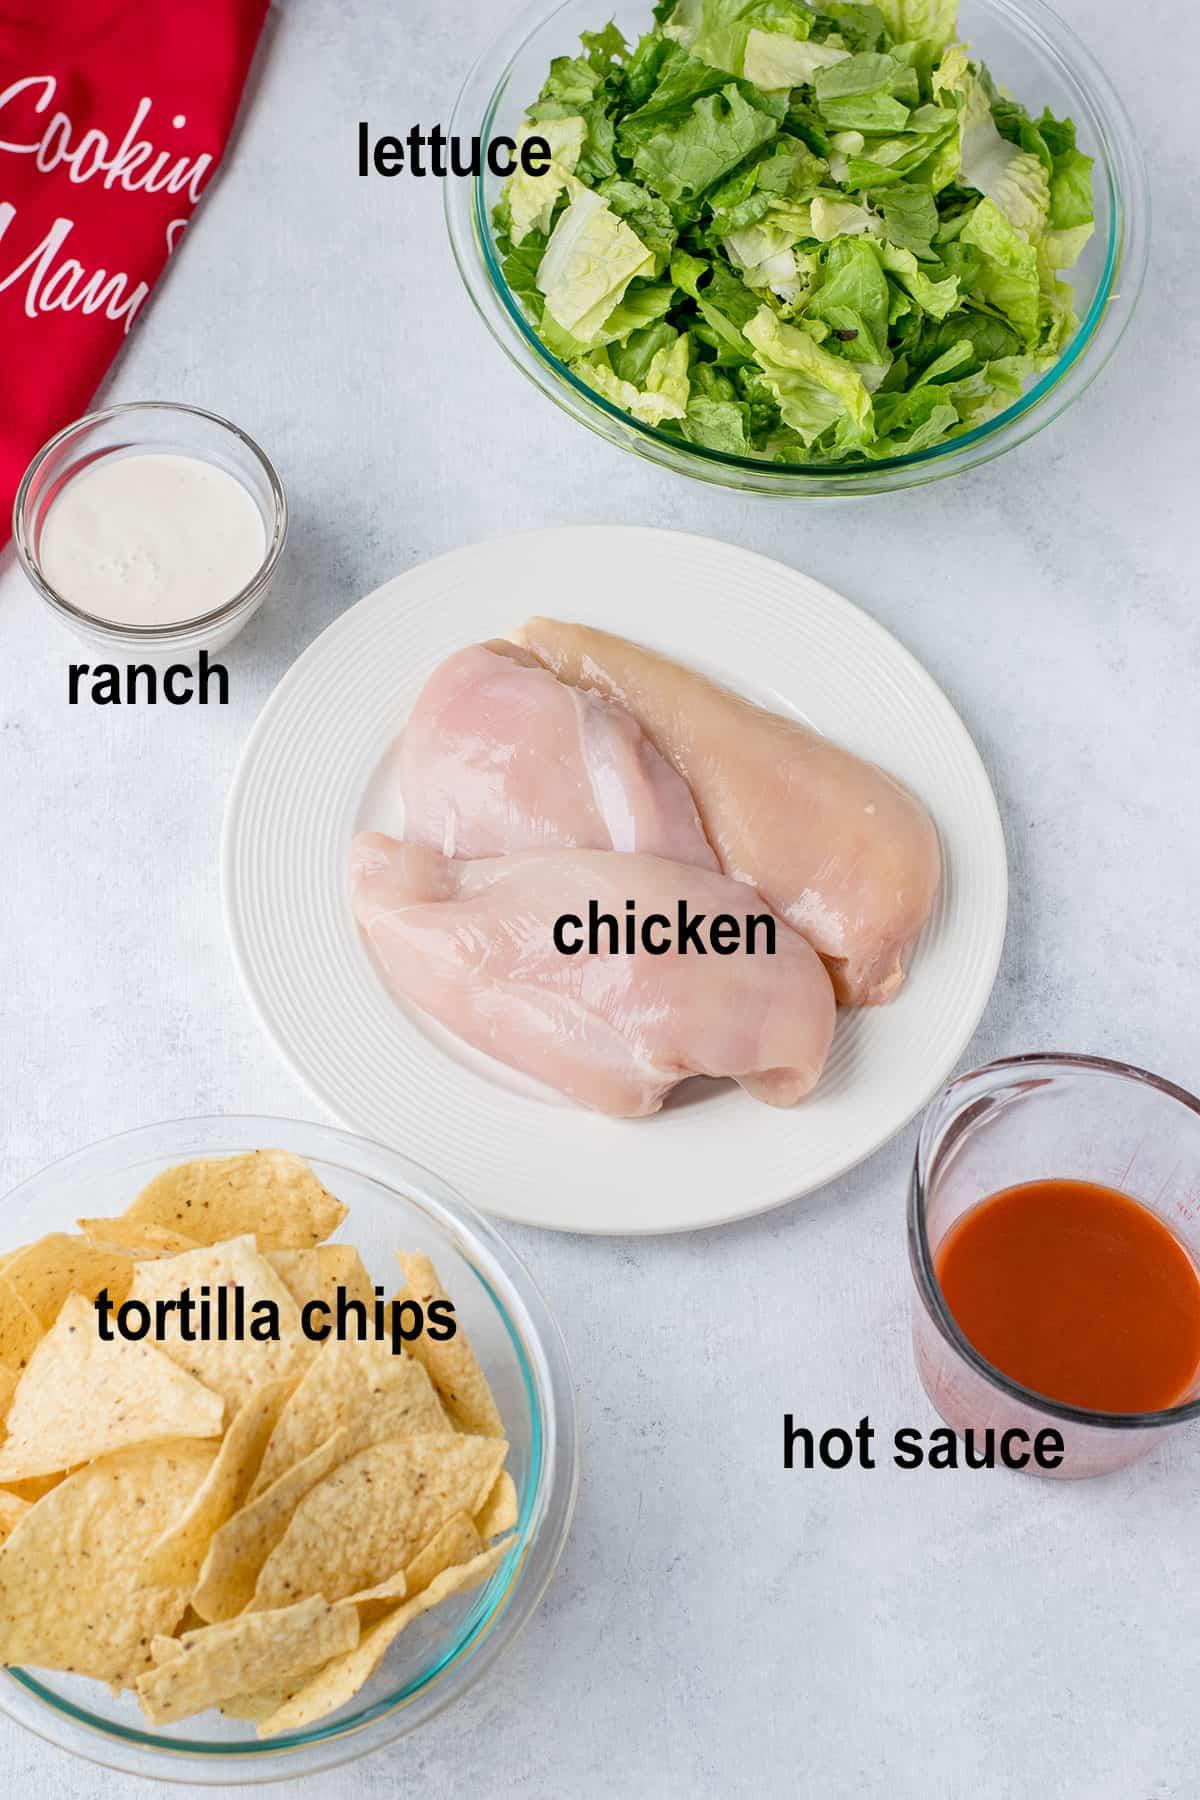 lettuce, raw chicken breasts, hot sauce, tortilla chips, ranch dressing